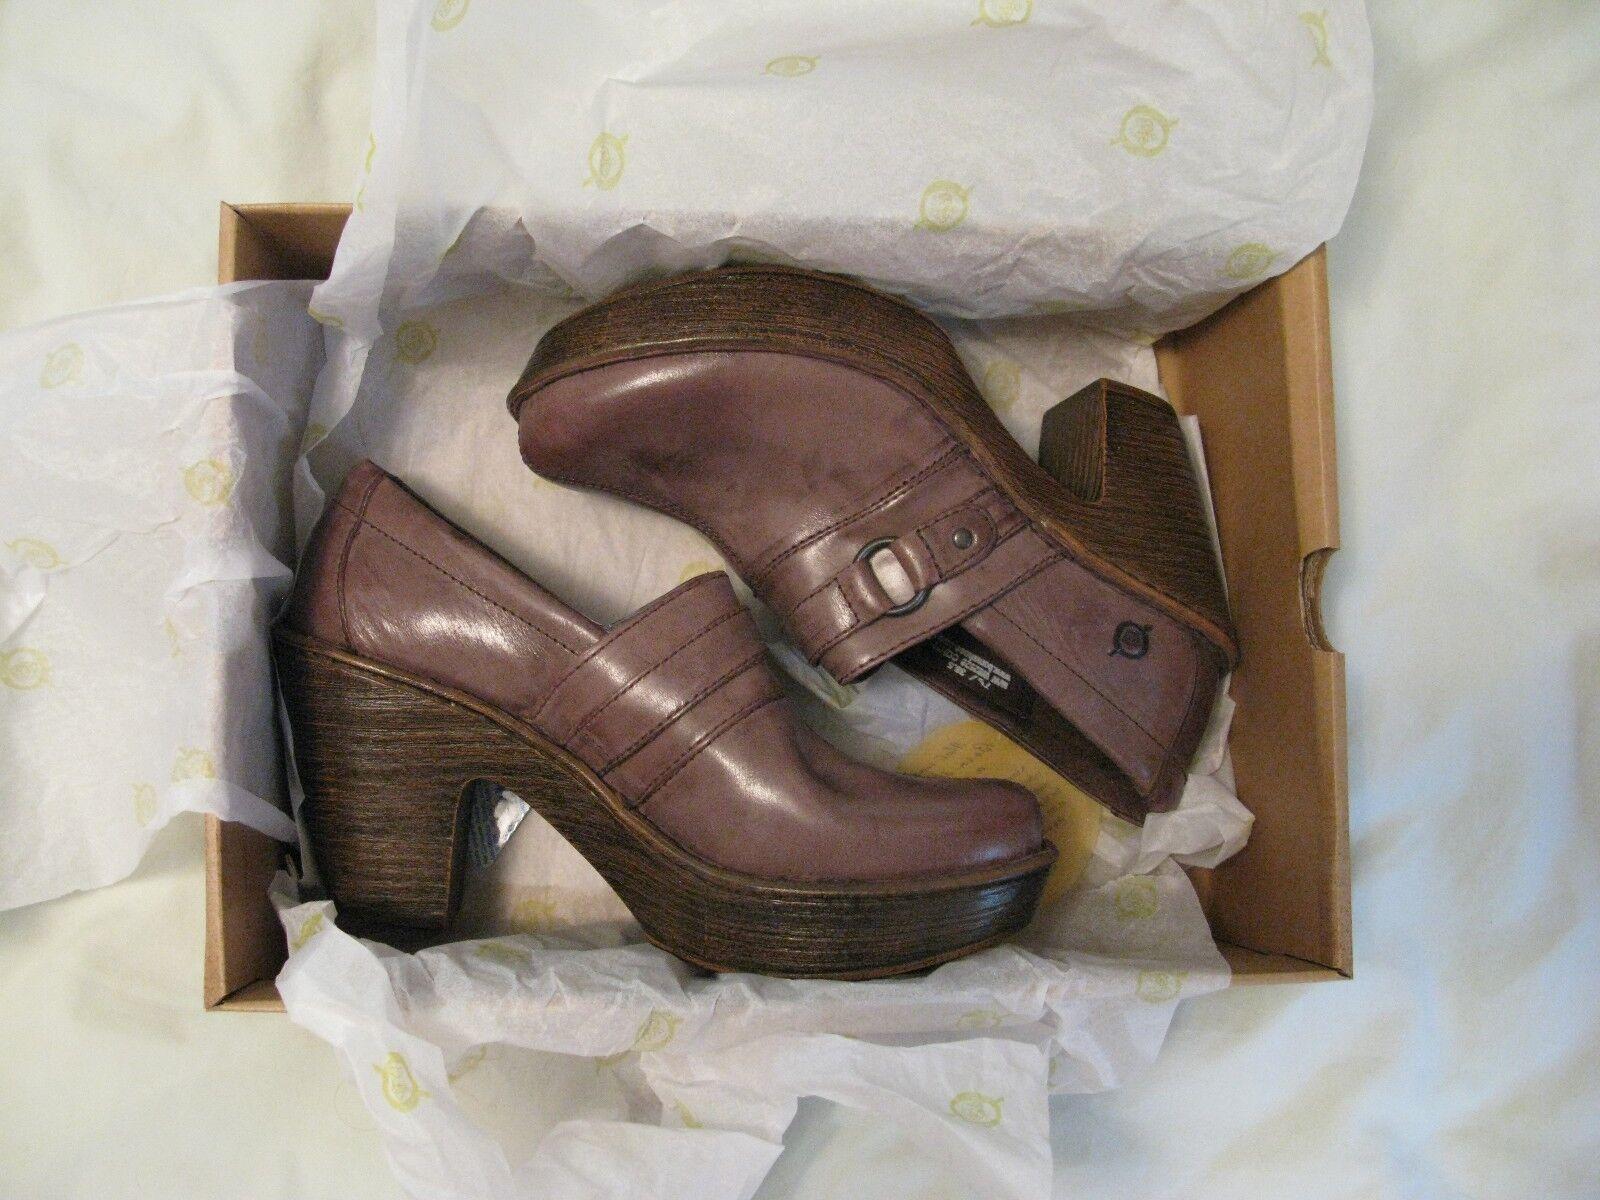 economico e di alta qualità Born 'Haddon' Platform Heels Sz 7.5 7.5 7.5 Dark Marrone - Gorgeous Style  Rare & HTF  supporto al dettaglio all'ingrosso